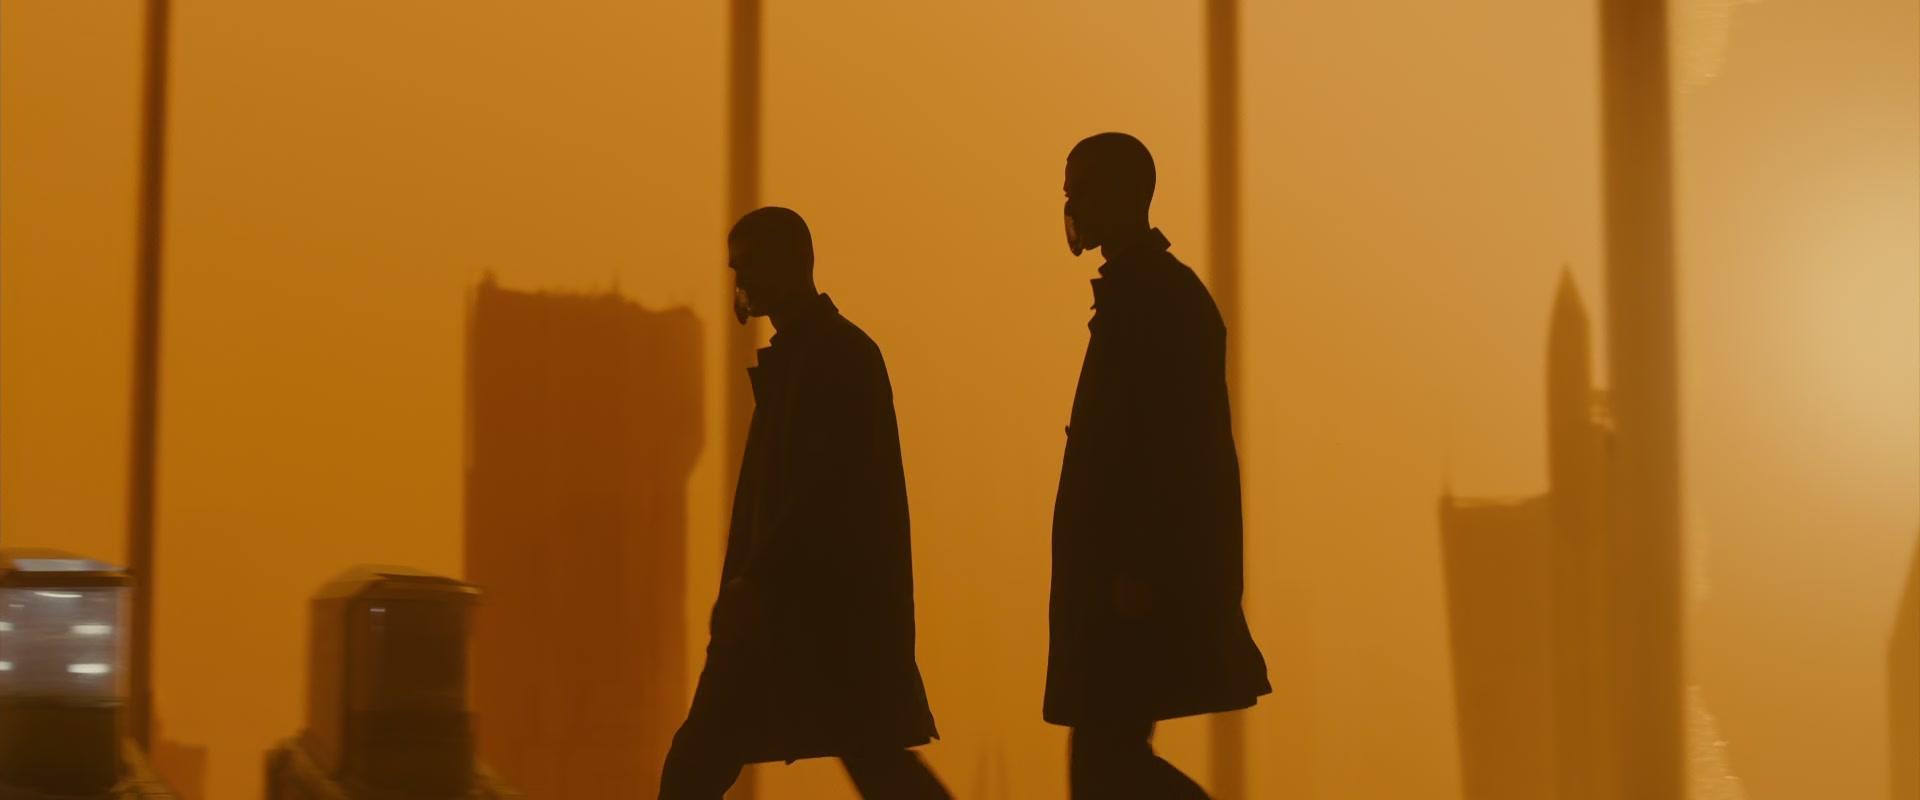 Blade Runner 2049 (2017) 1080p BluRay x265 HEVC [Dual Audio][Hindi+English]